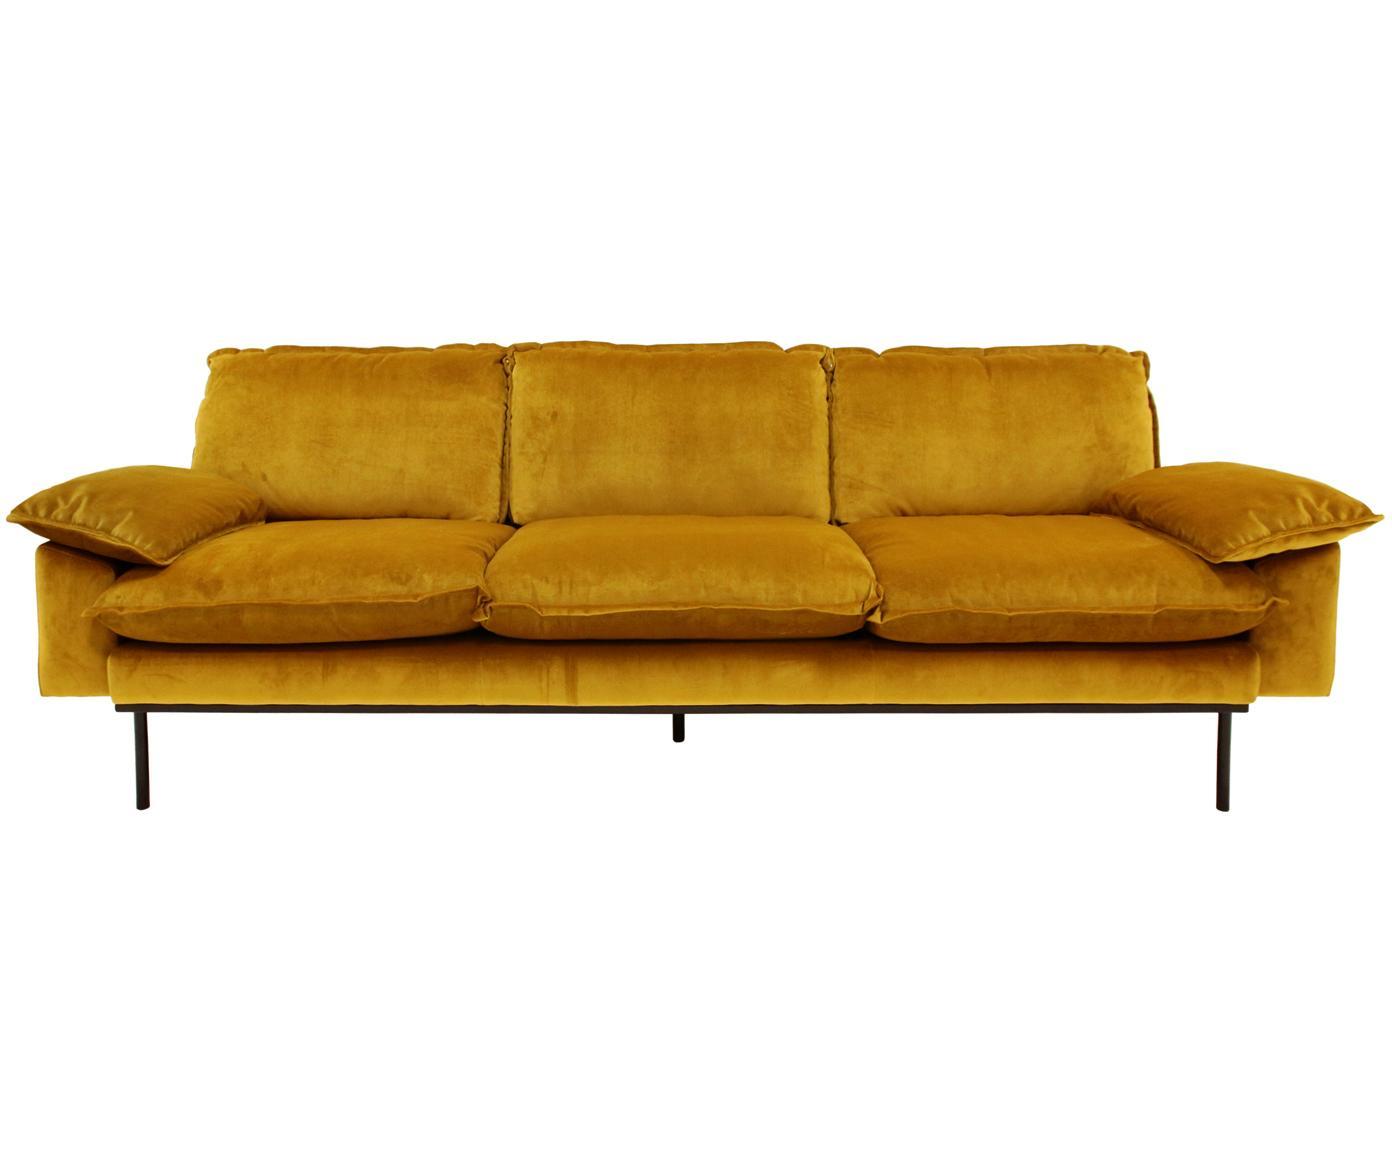 Samt-Sofa Retro (4-Sitzer), Bezug: Polyestersamt 86.000 Sche, Korpus: Mitteldichte Holzfaserpla, Samt Ocker, B 245 x T 83 cm